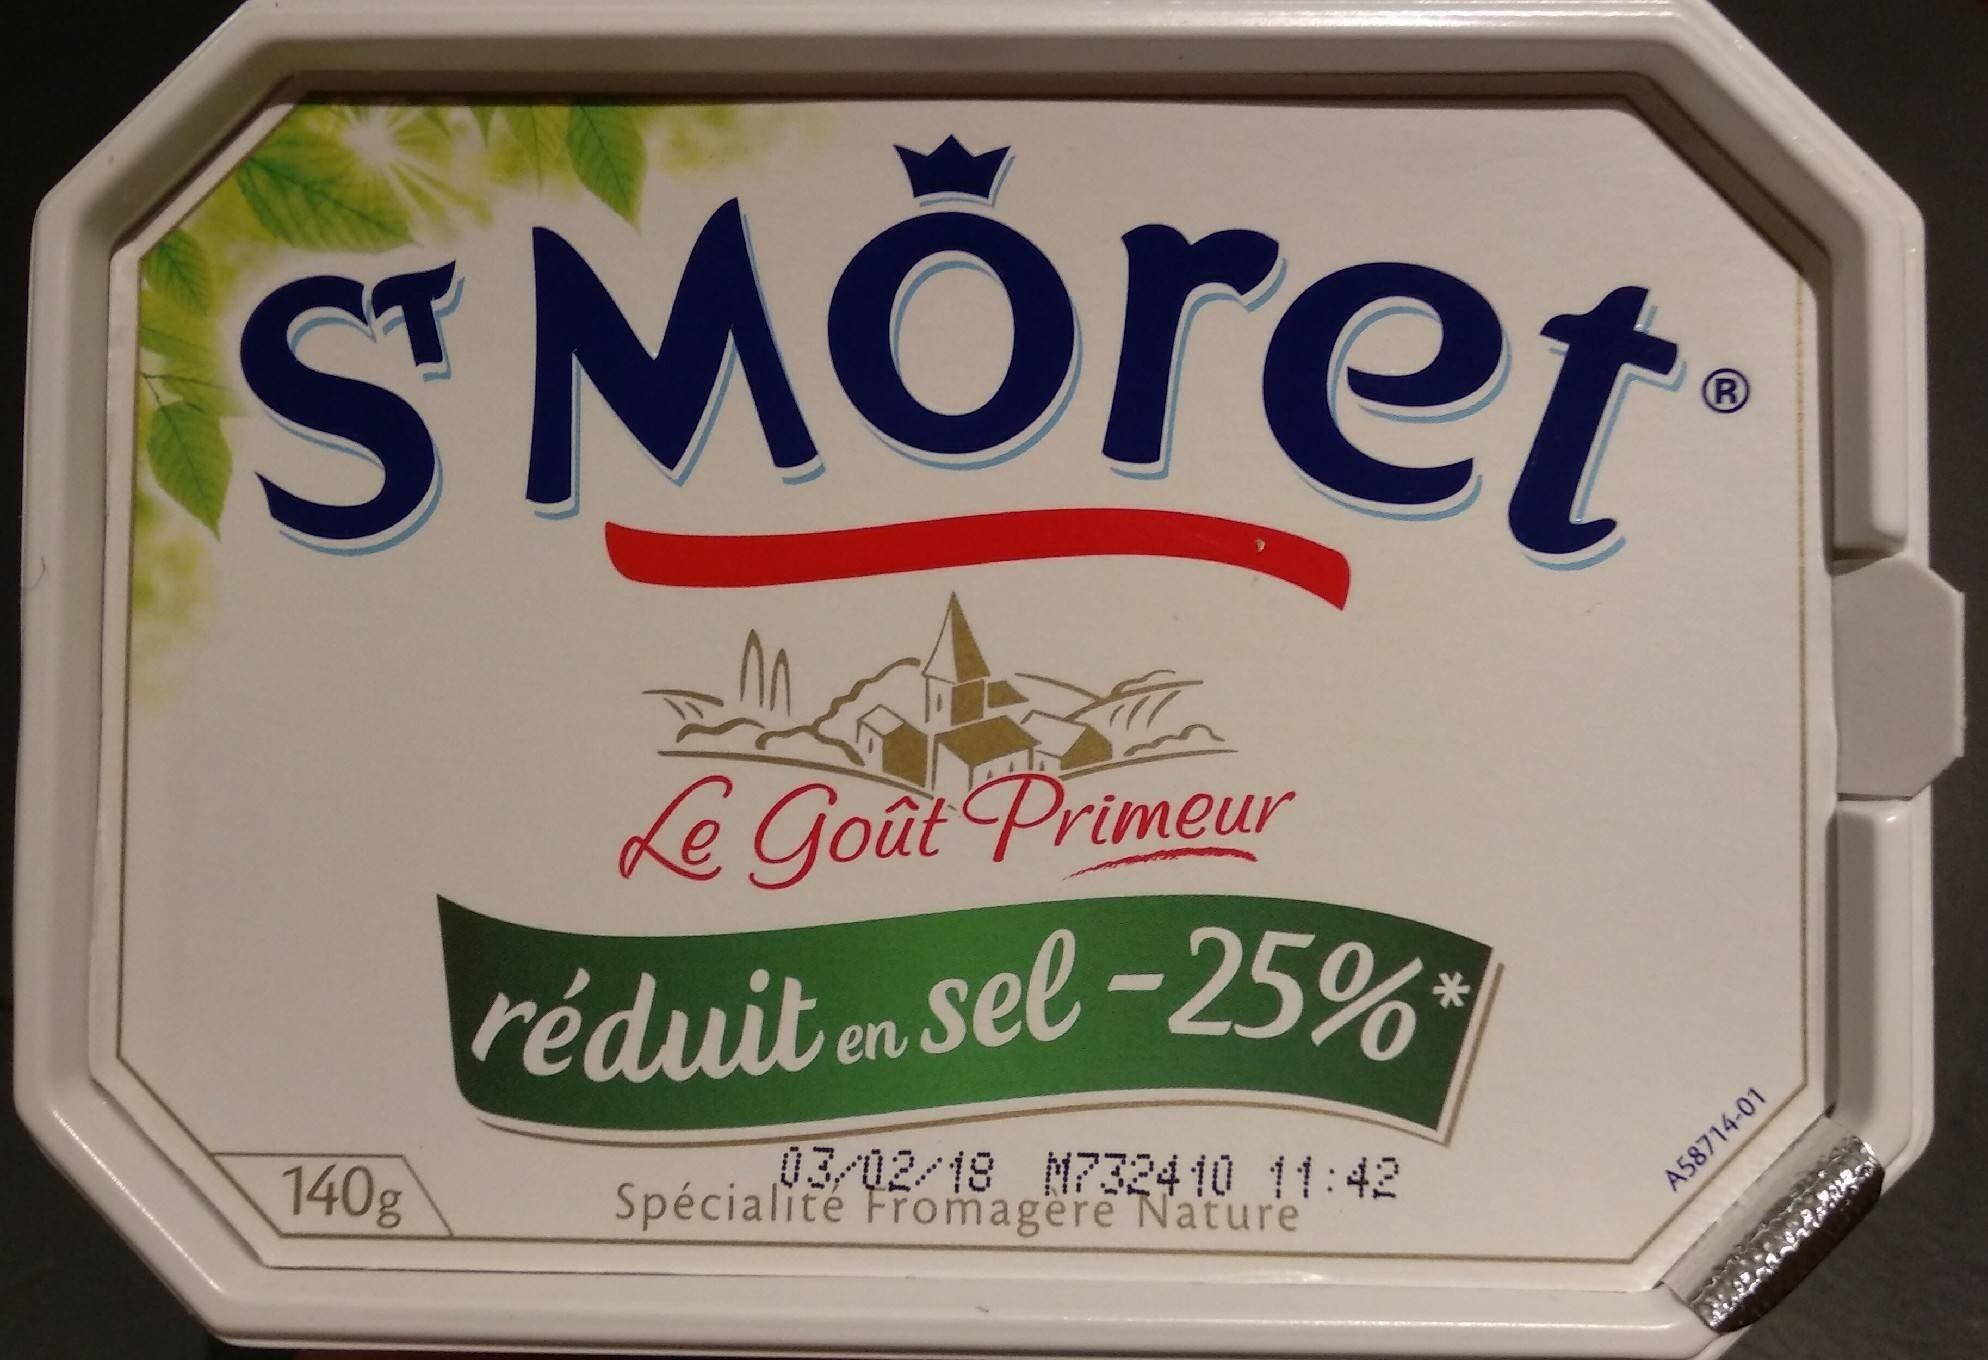 St Môret réduit en sel -25 % - Product - fr